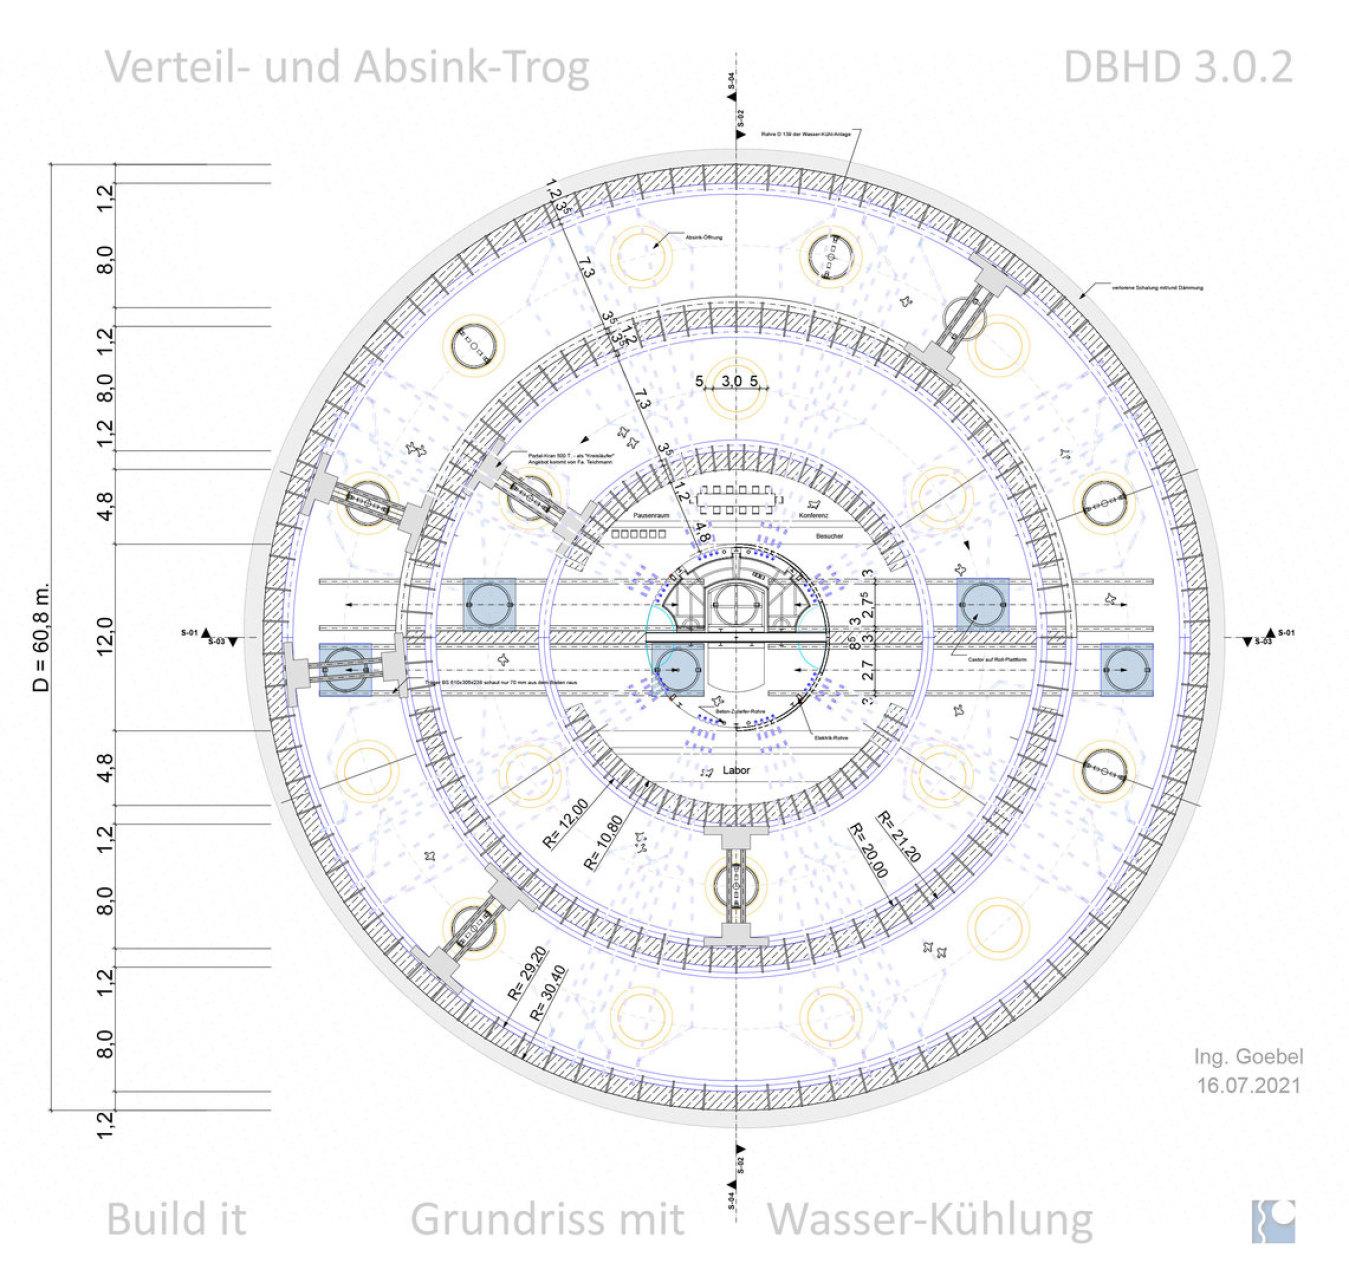 Grundriss Verteil- und Absink-Trog DBHD 3.0.2 unten - 1x mit 1x ohne Wasserkühl-Rohre